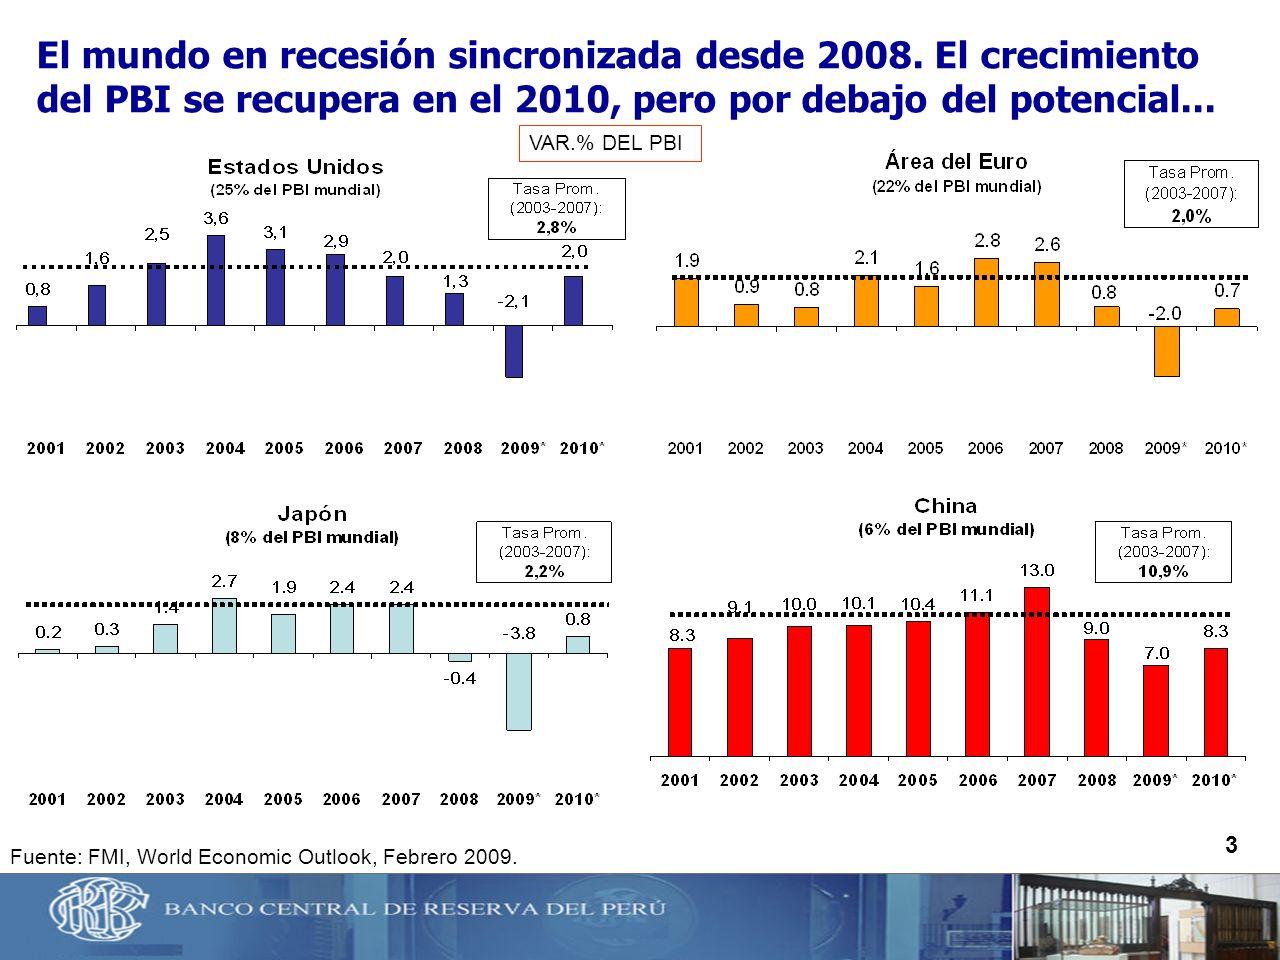 El mundo en recesión sincronizada desde 2008